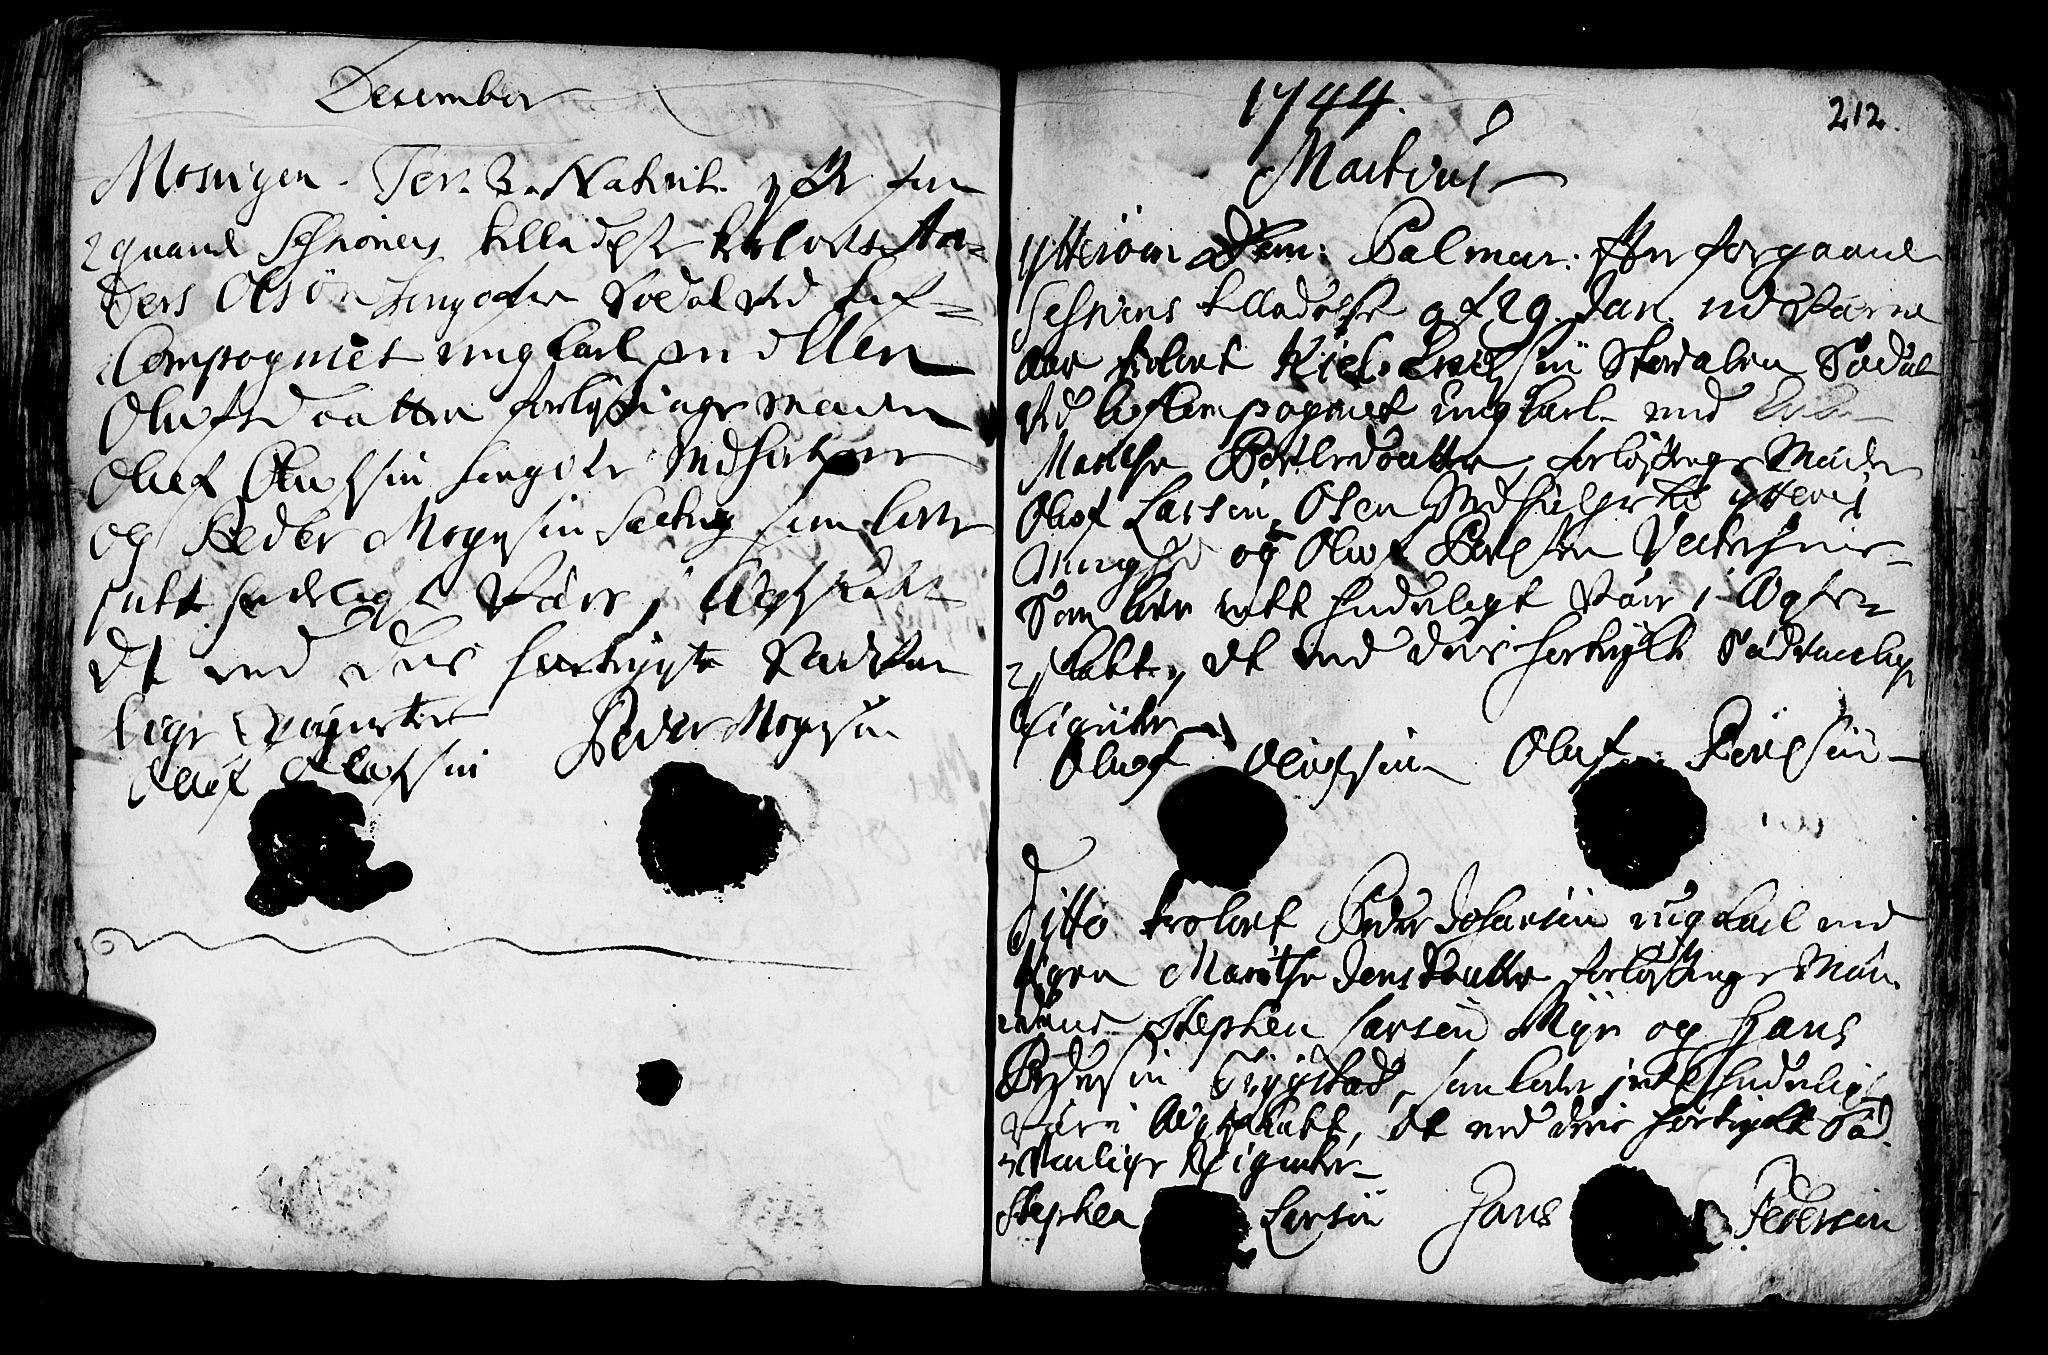 SAT, Ministerialprotokoller, klokkerbøker og fødselsregistre - Nord-Trøndelag, 722/L0215: Ministerialbok nr. 722A02, 1718-1755, s. 212